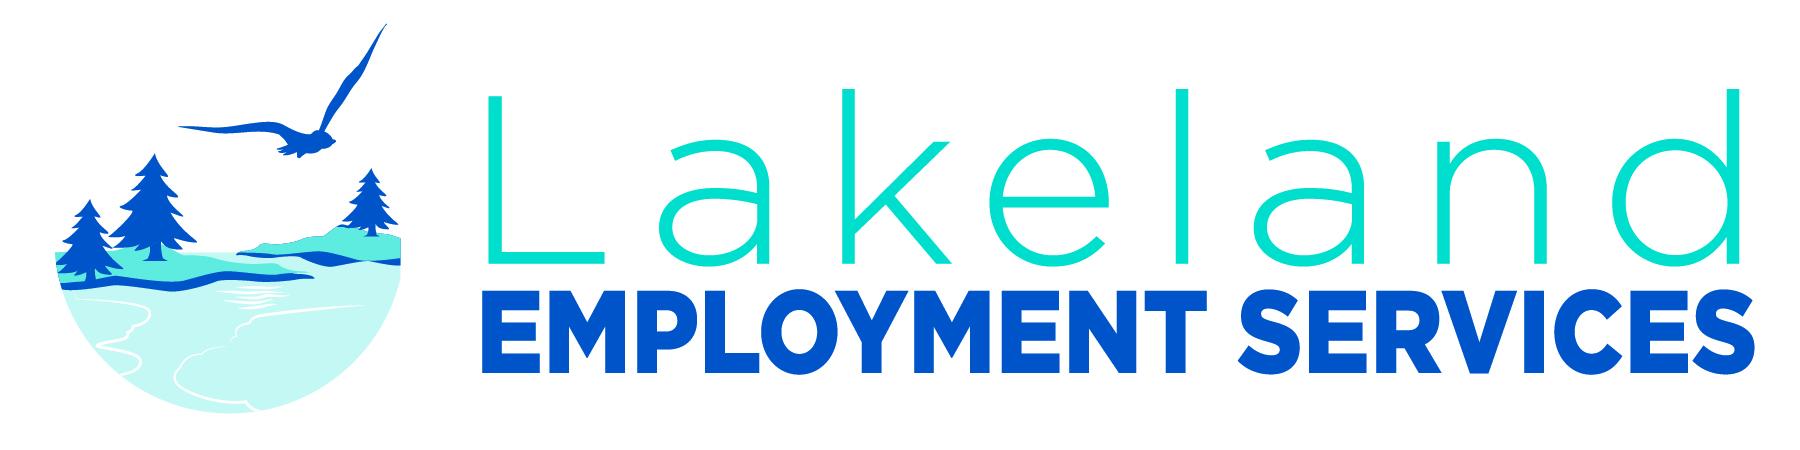 Lakeland Employment Services_logo-colour